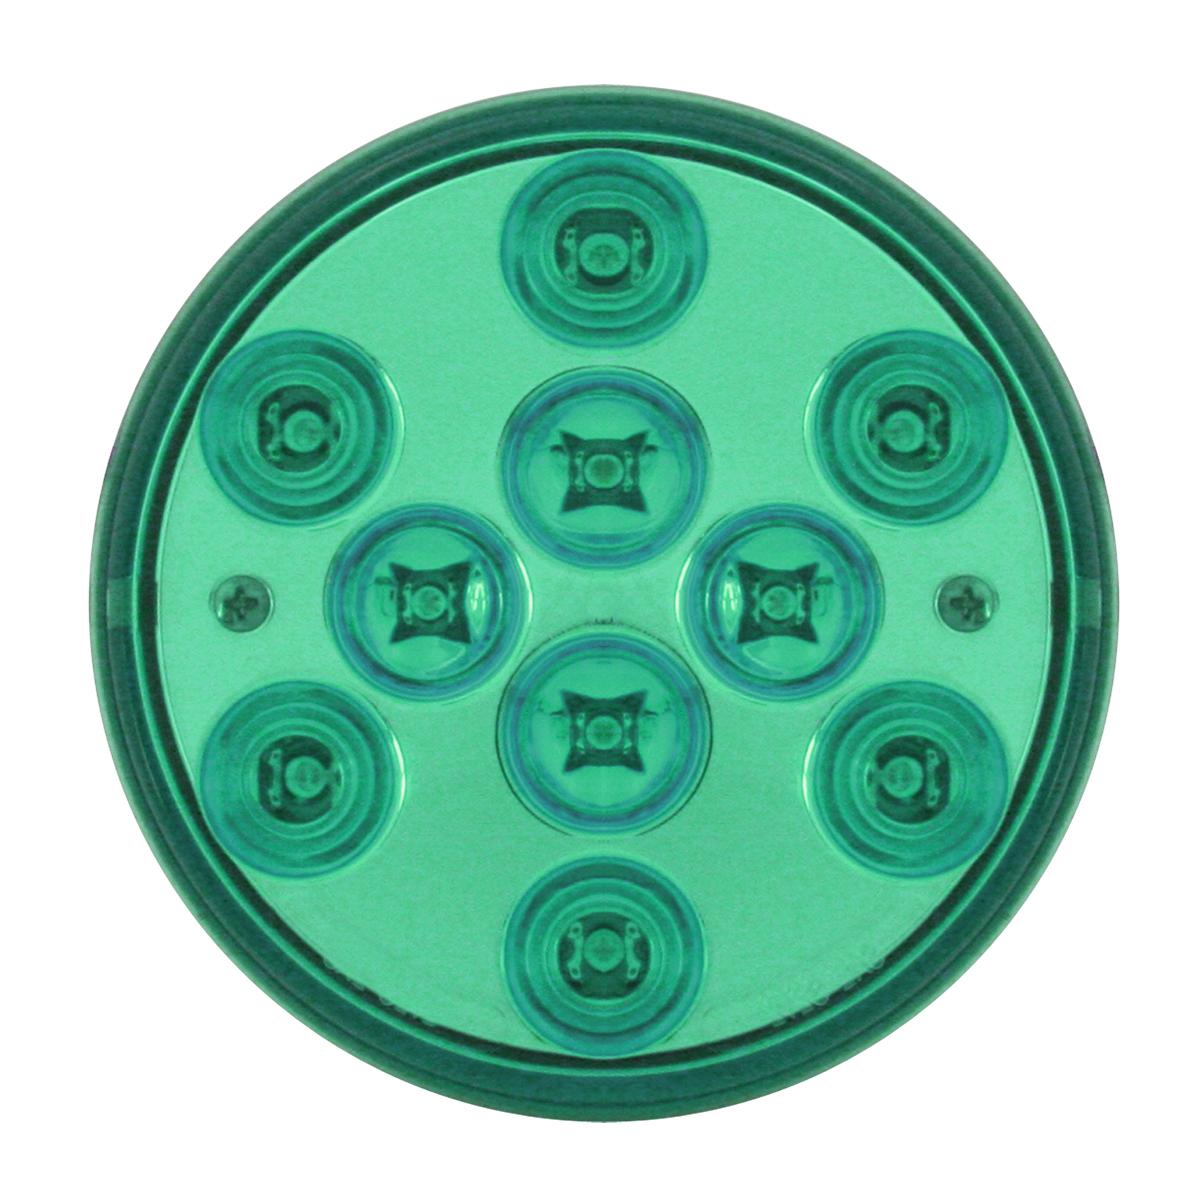 """82272 4"""" Mega 10 Plus LED Light in Green/Green"""